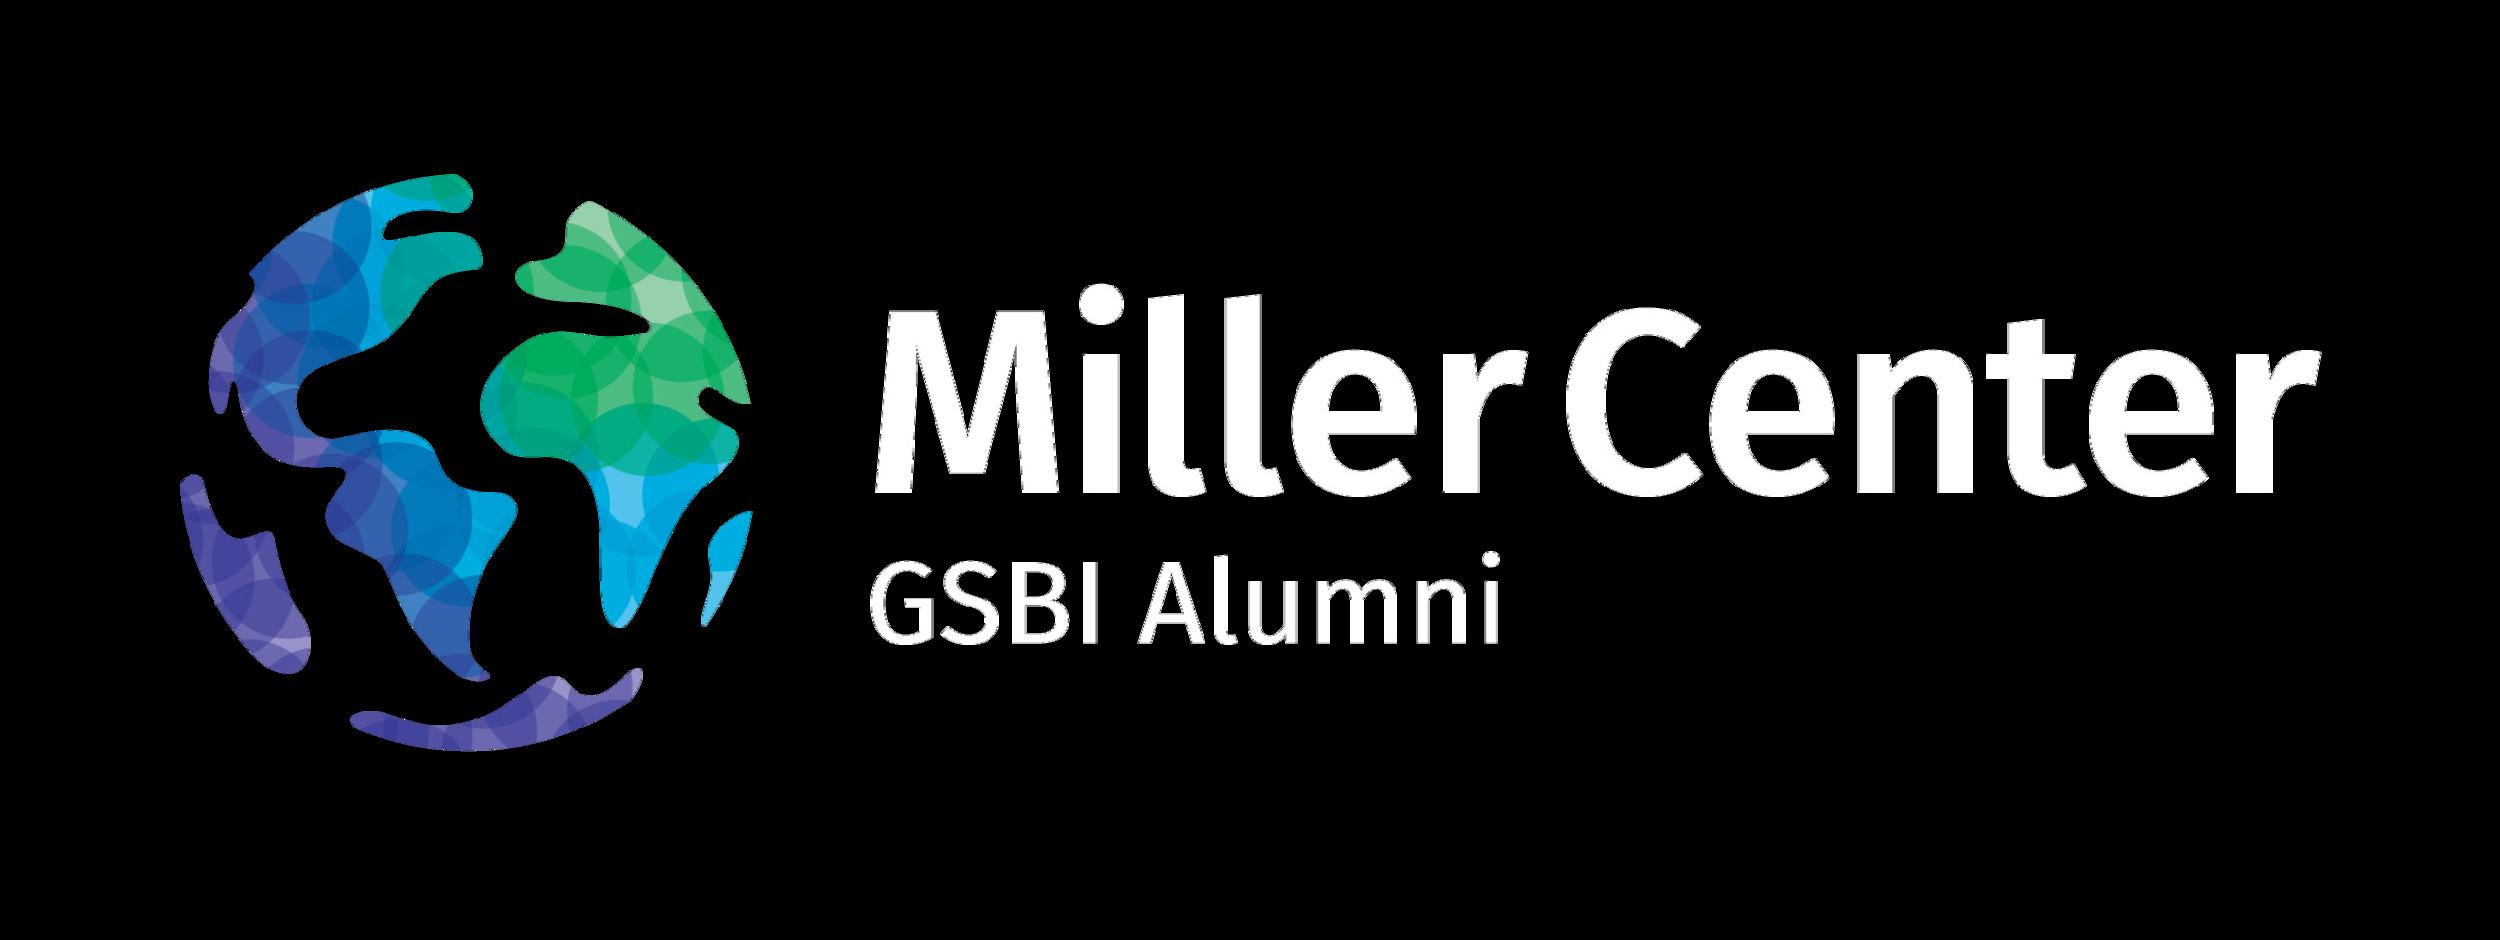 mc_alumni_4-color_reversed (1).png